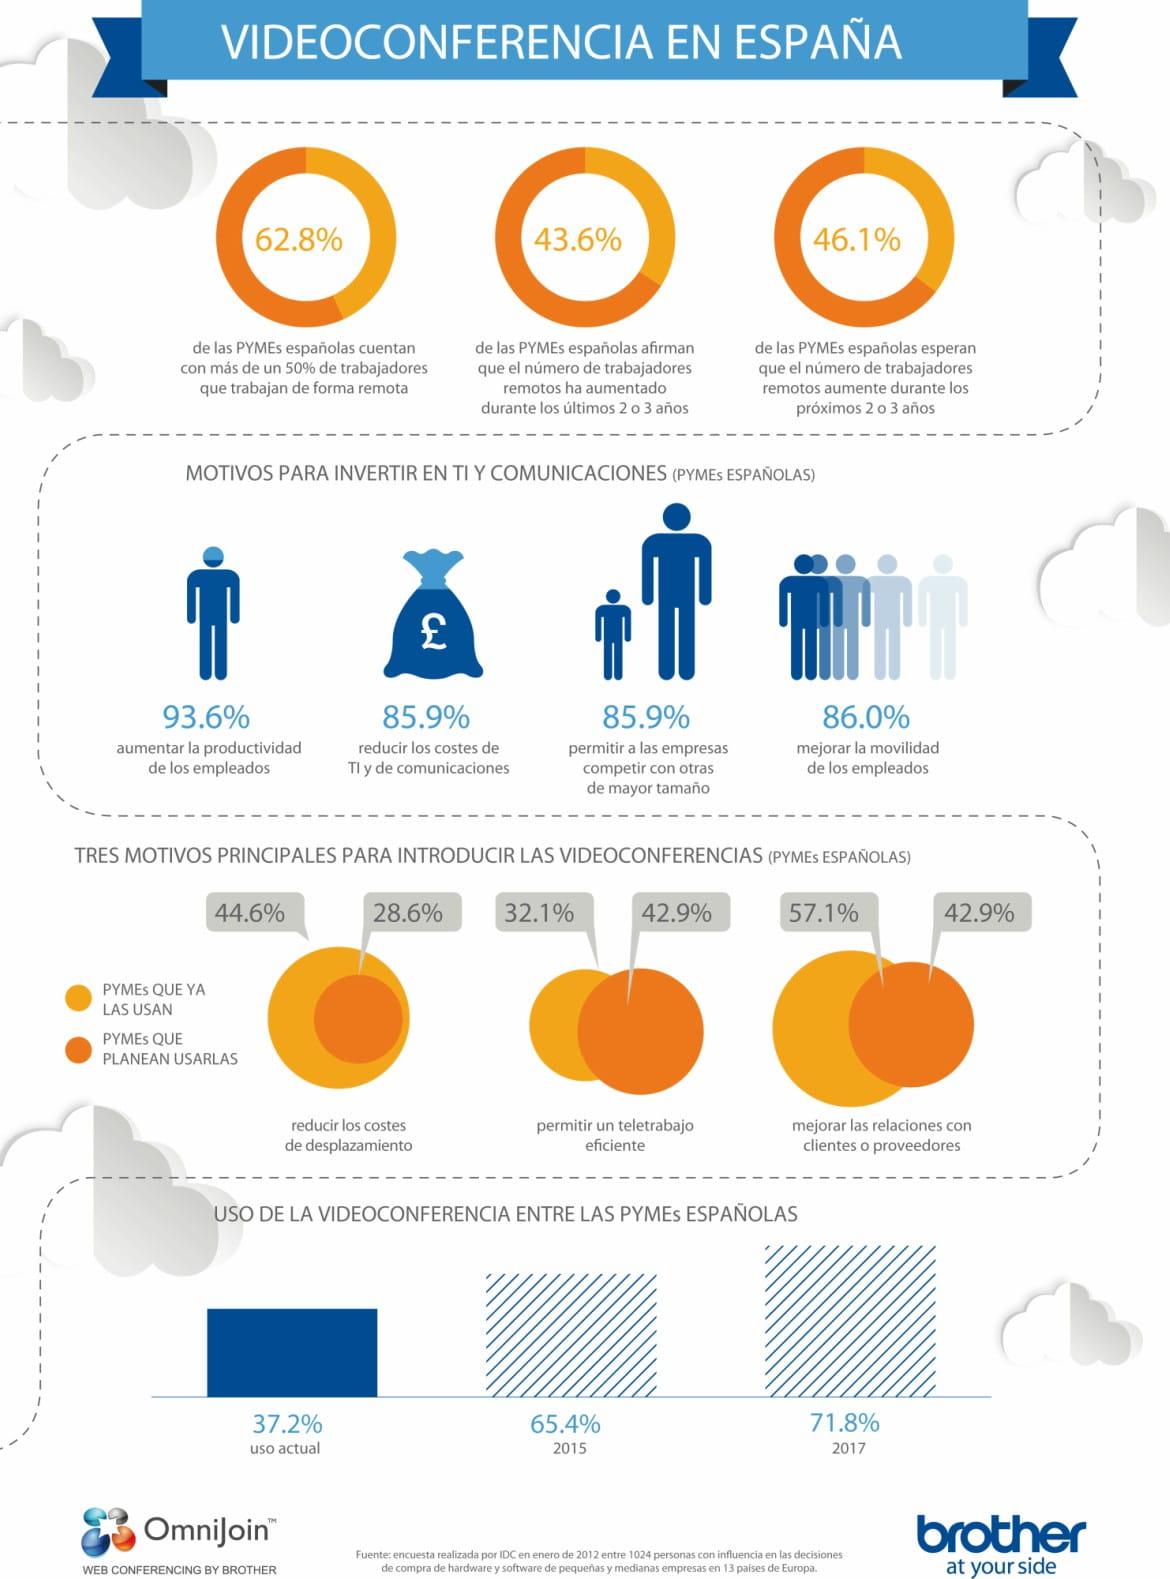 Los benenficios del uso de la videoconferencia pyme - infografia